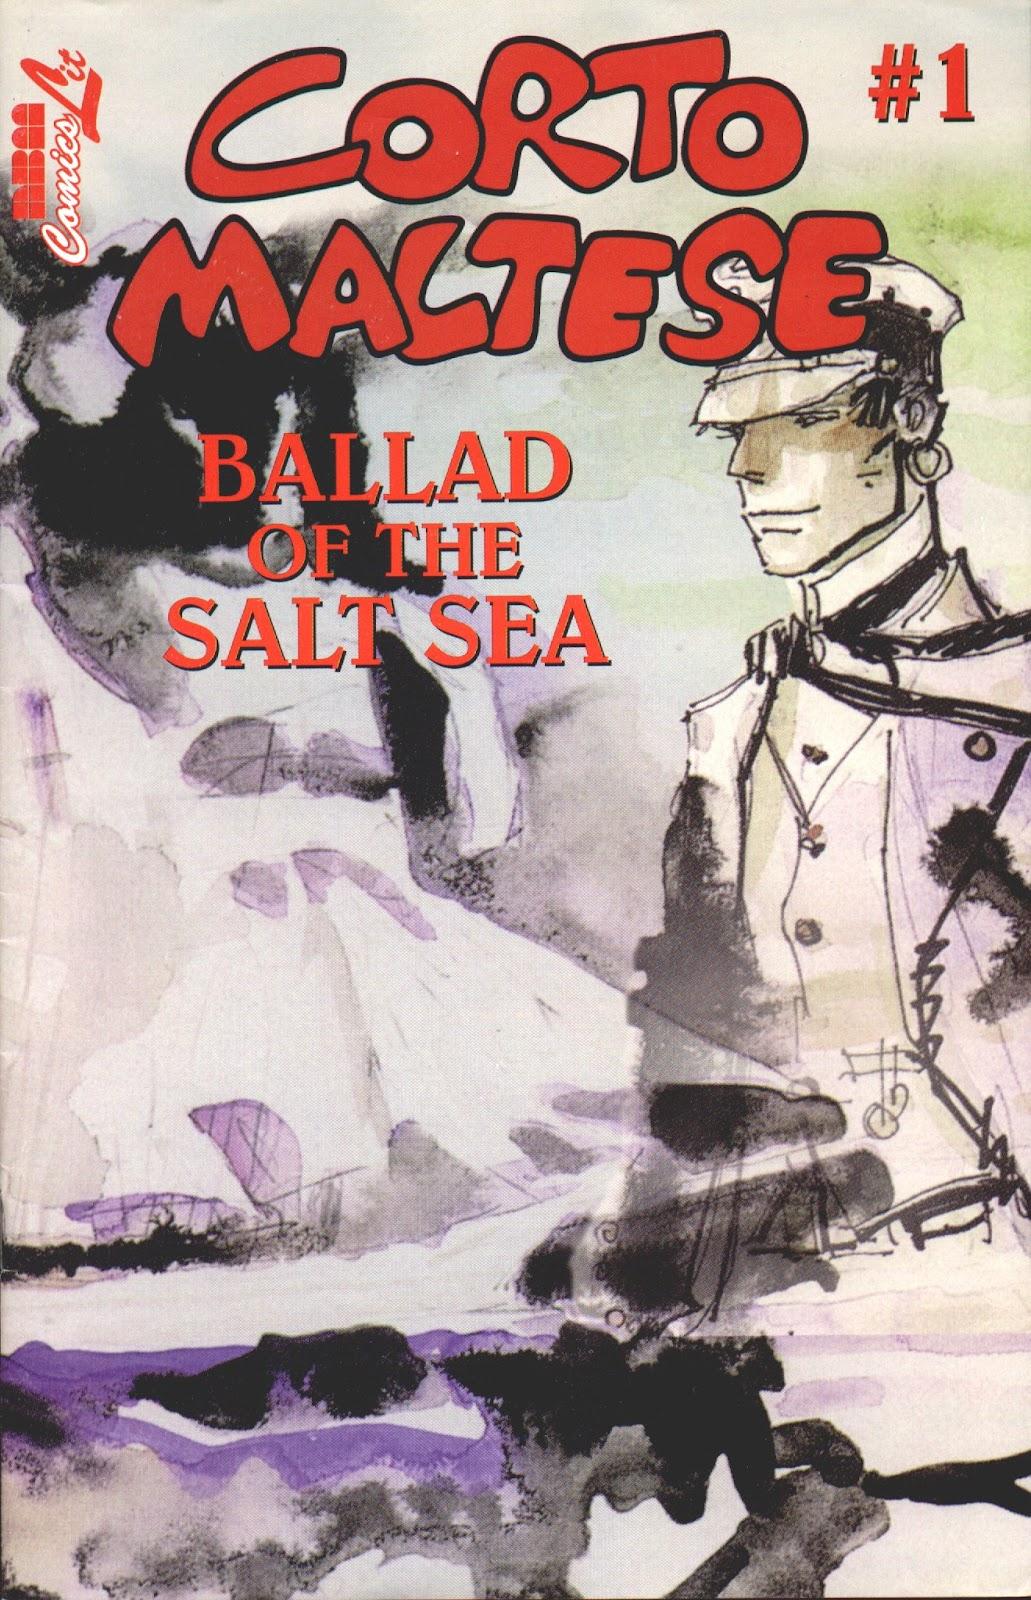 Corto Maltese: Ballad of the Salt Sea issue 1 - Page 1